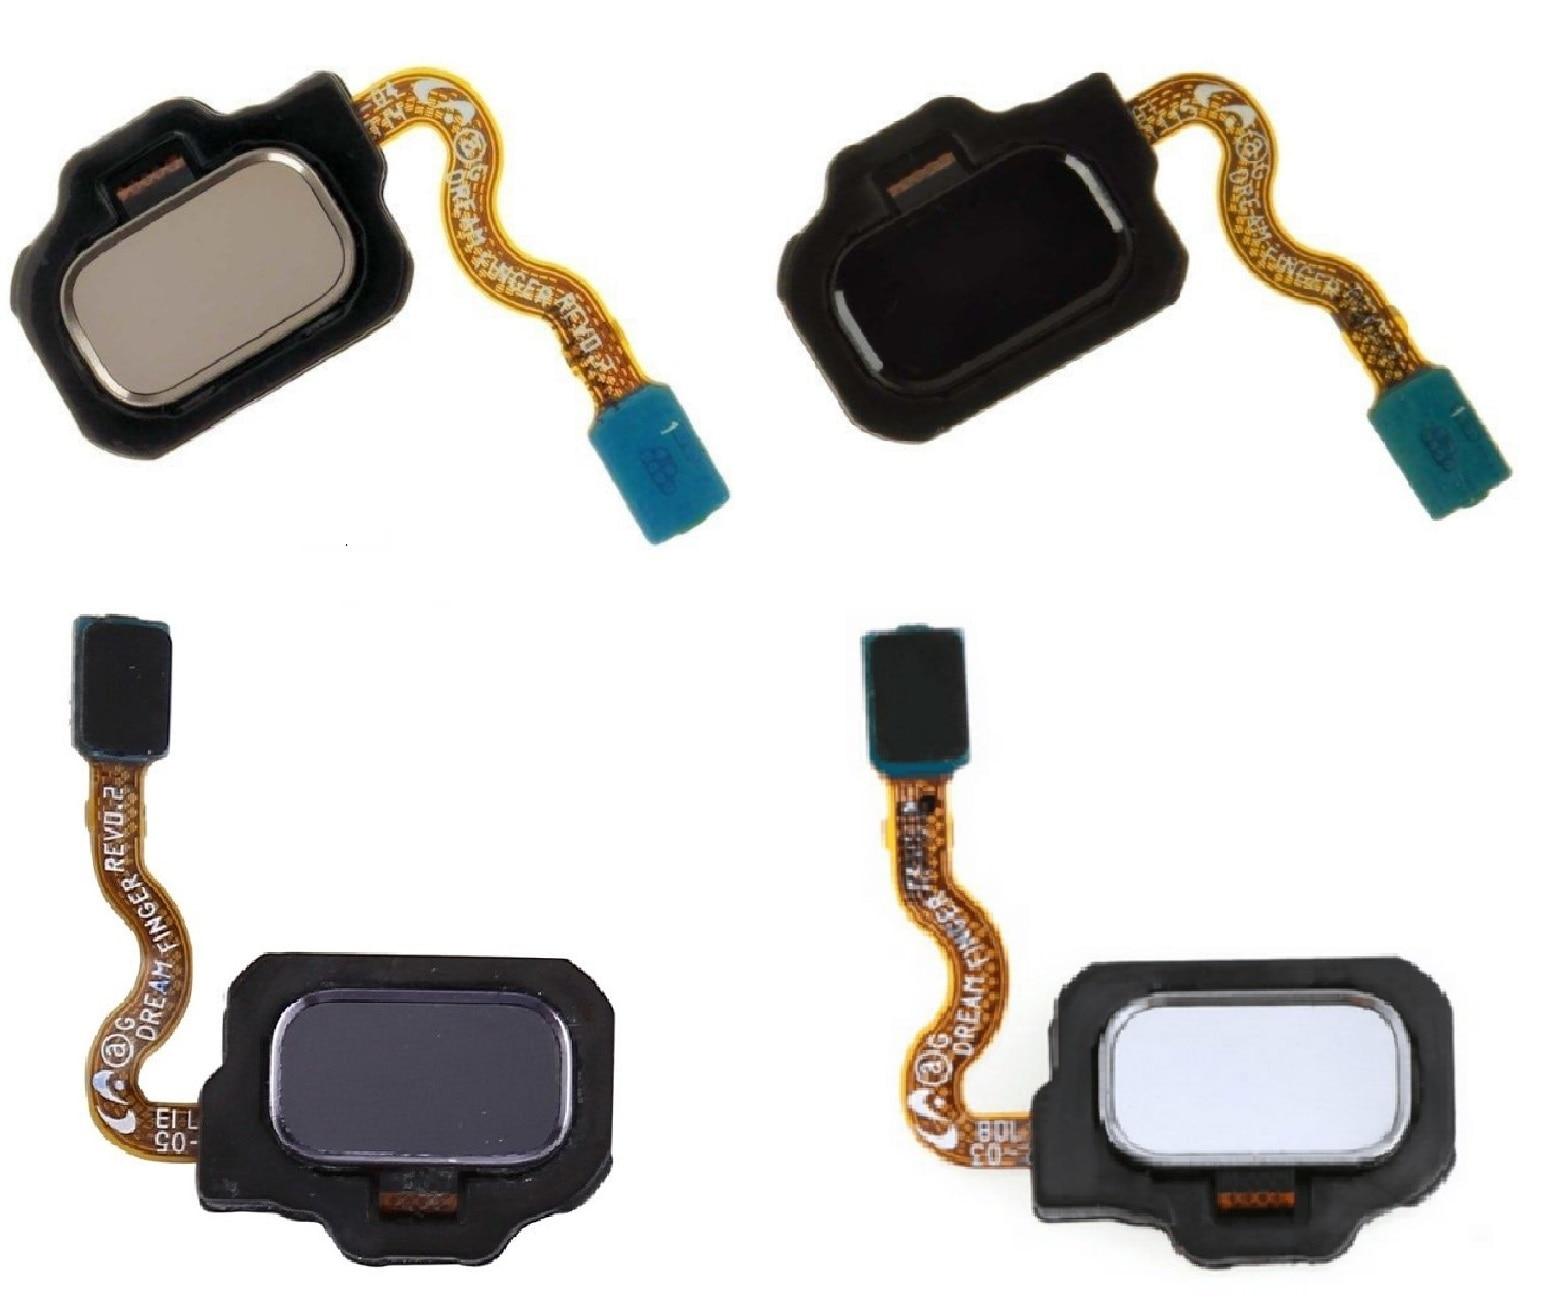 5 قطعة/الوحدة بصمة المنزل زر الكابلات المرنة لسامسونج غالاكسي S8 G950/غالاكسي S8 زائد G955 الفضة أسود أزرق الذهب الأحمر روز الذهب